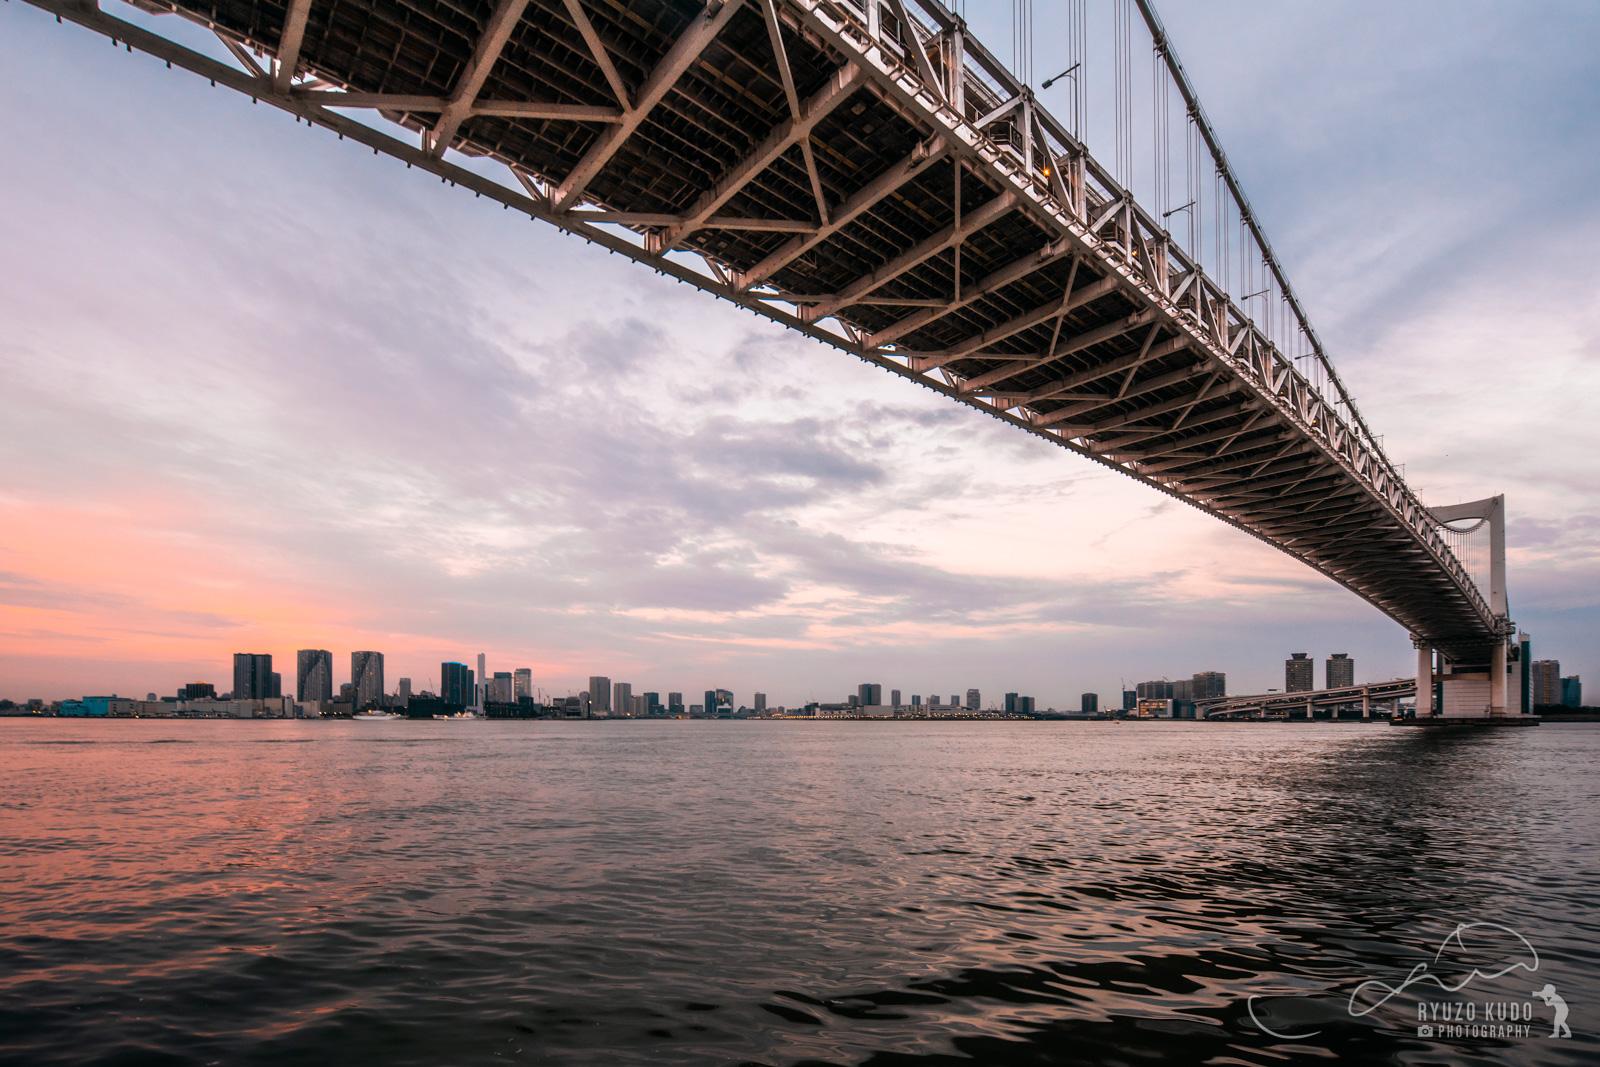 東京の夕景をダイナミックに!レインボーブリッジから夕陽に染まる東京を堪能してきました